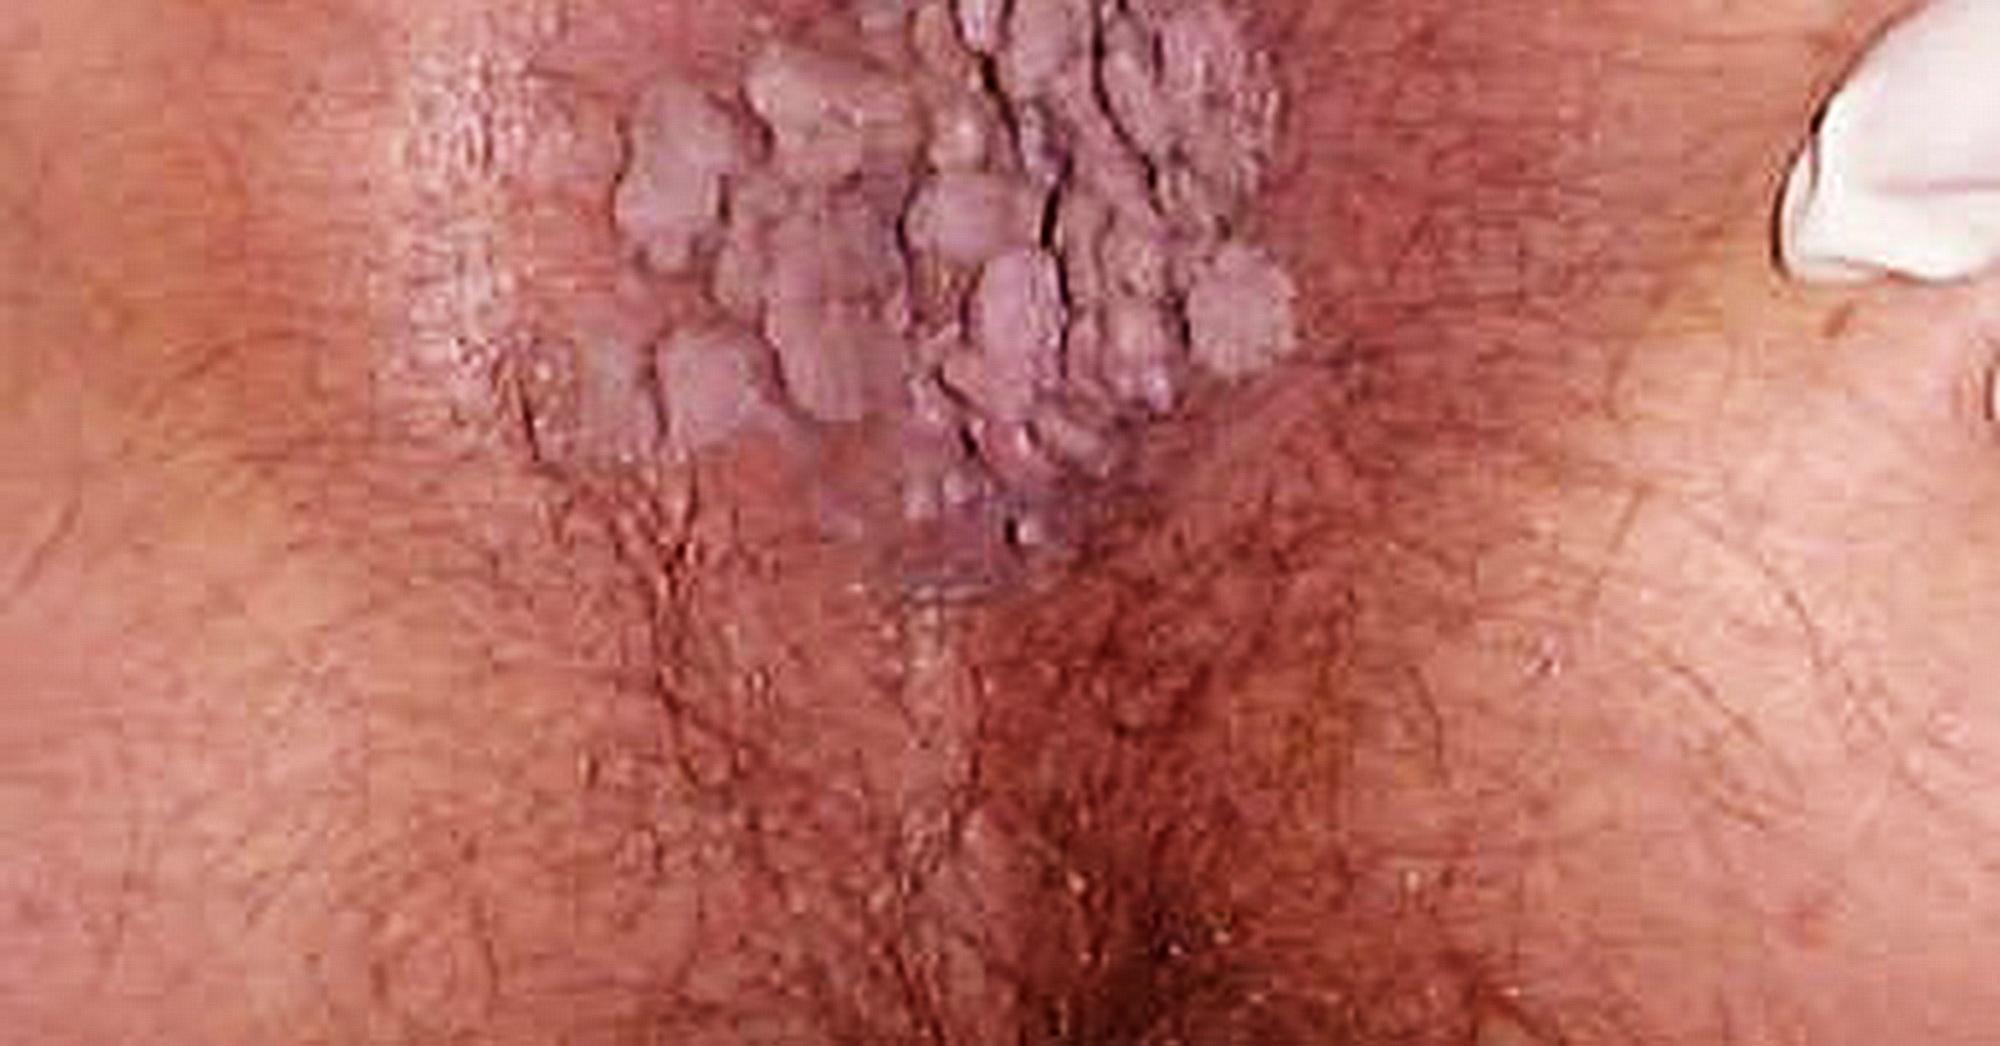 verruche da papilloma virus immagini human papillomavirus infection discharge